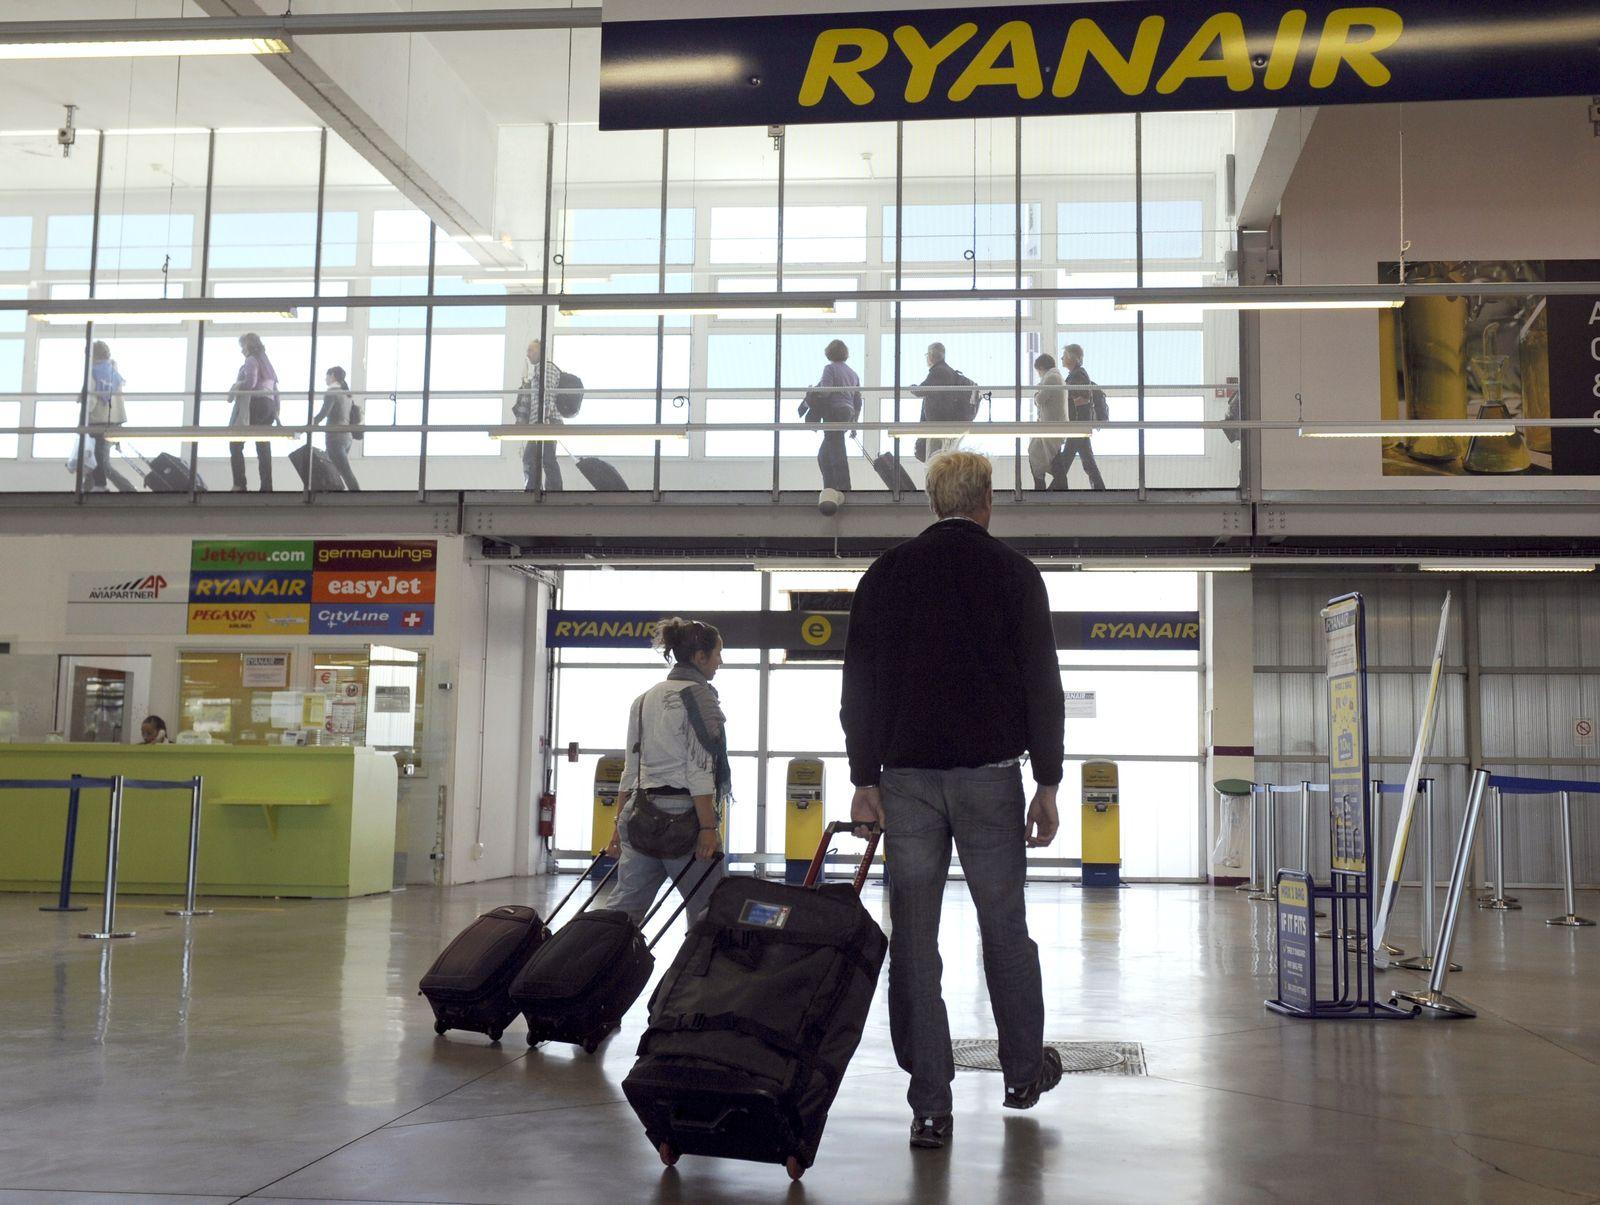 Ryanair / Flughafen